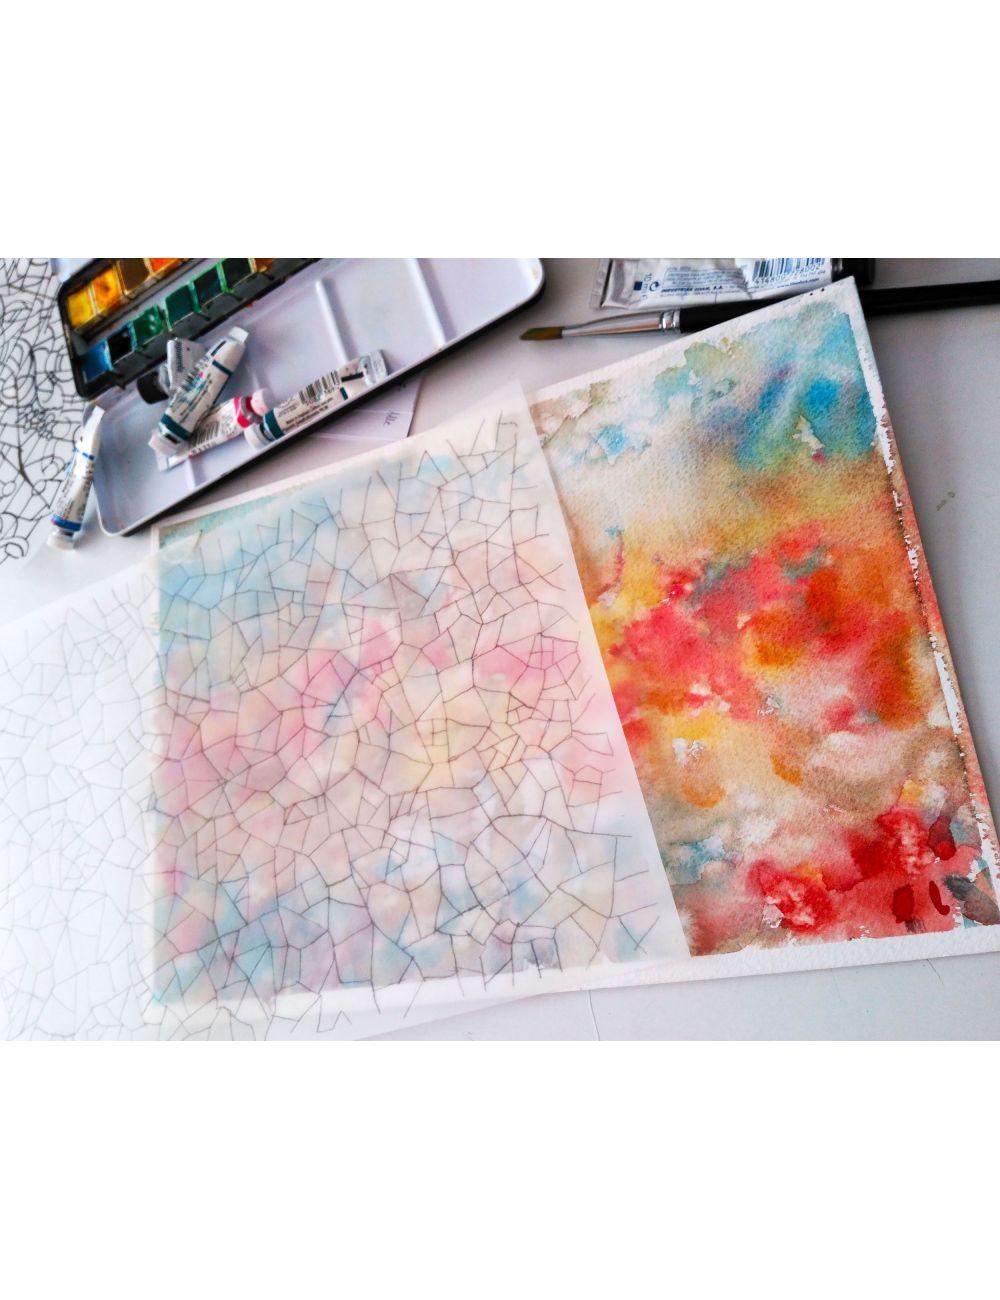 Procés de disseny - Aquarel·les i llàpis